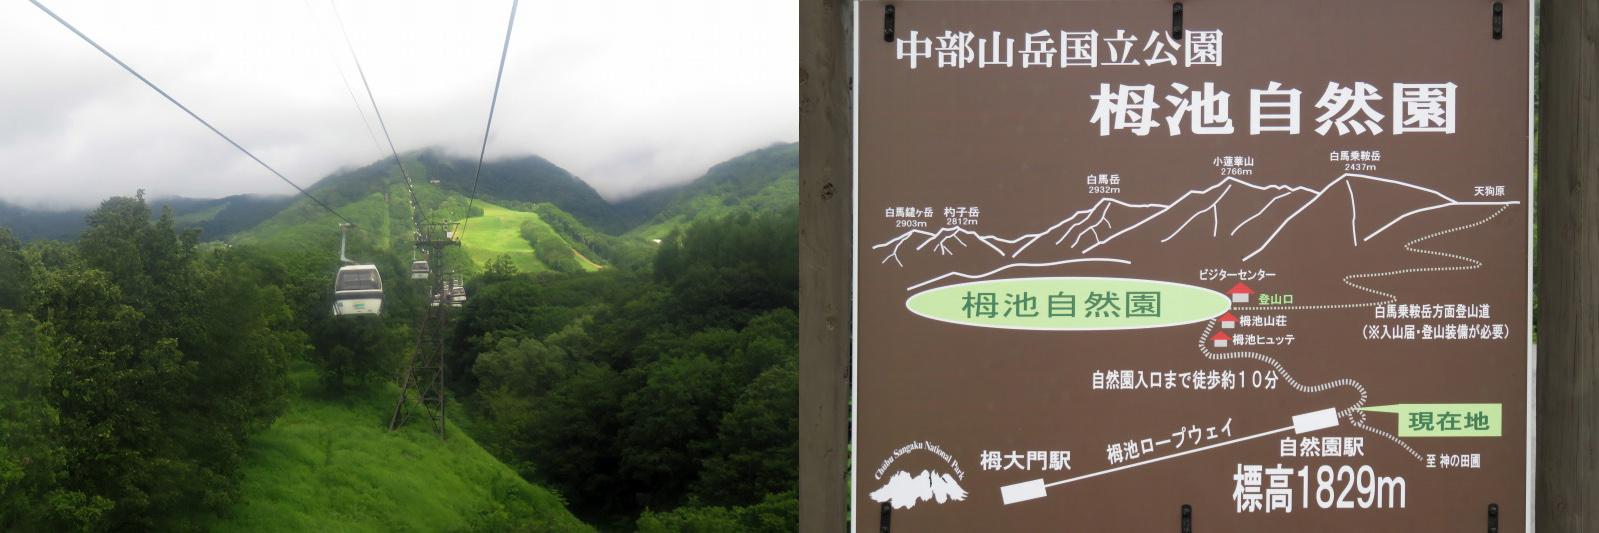 Tsugake01